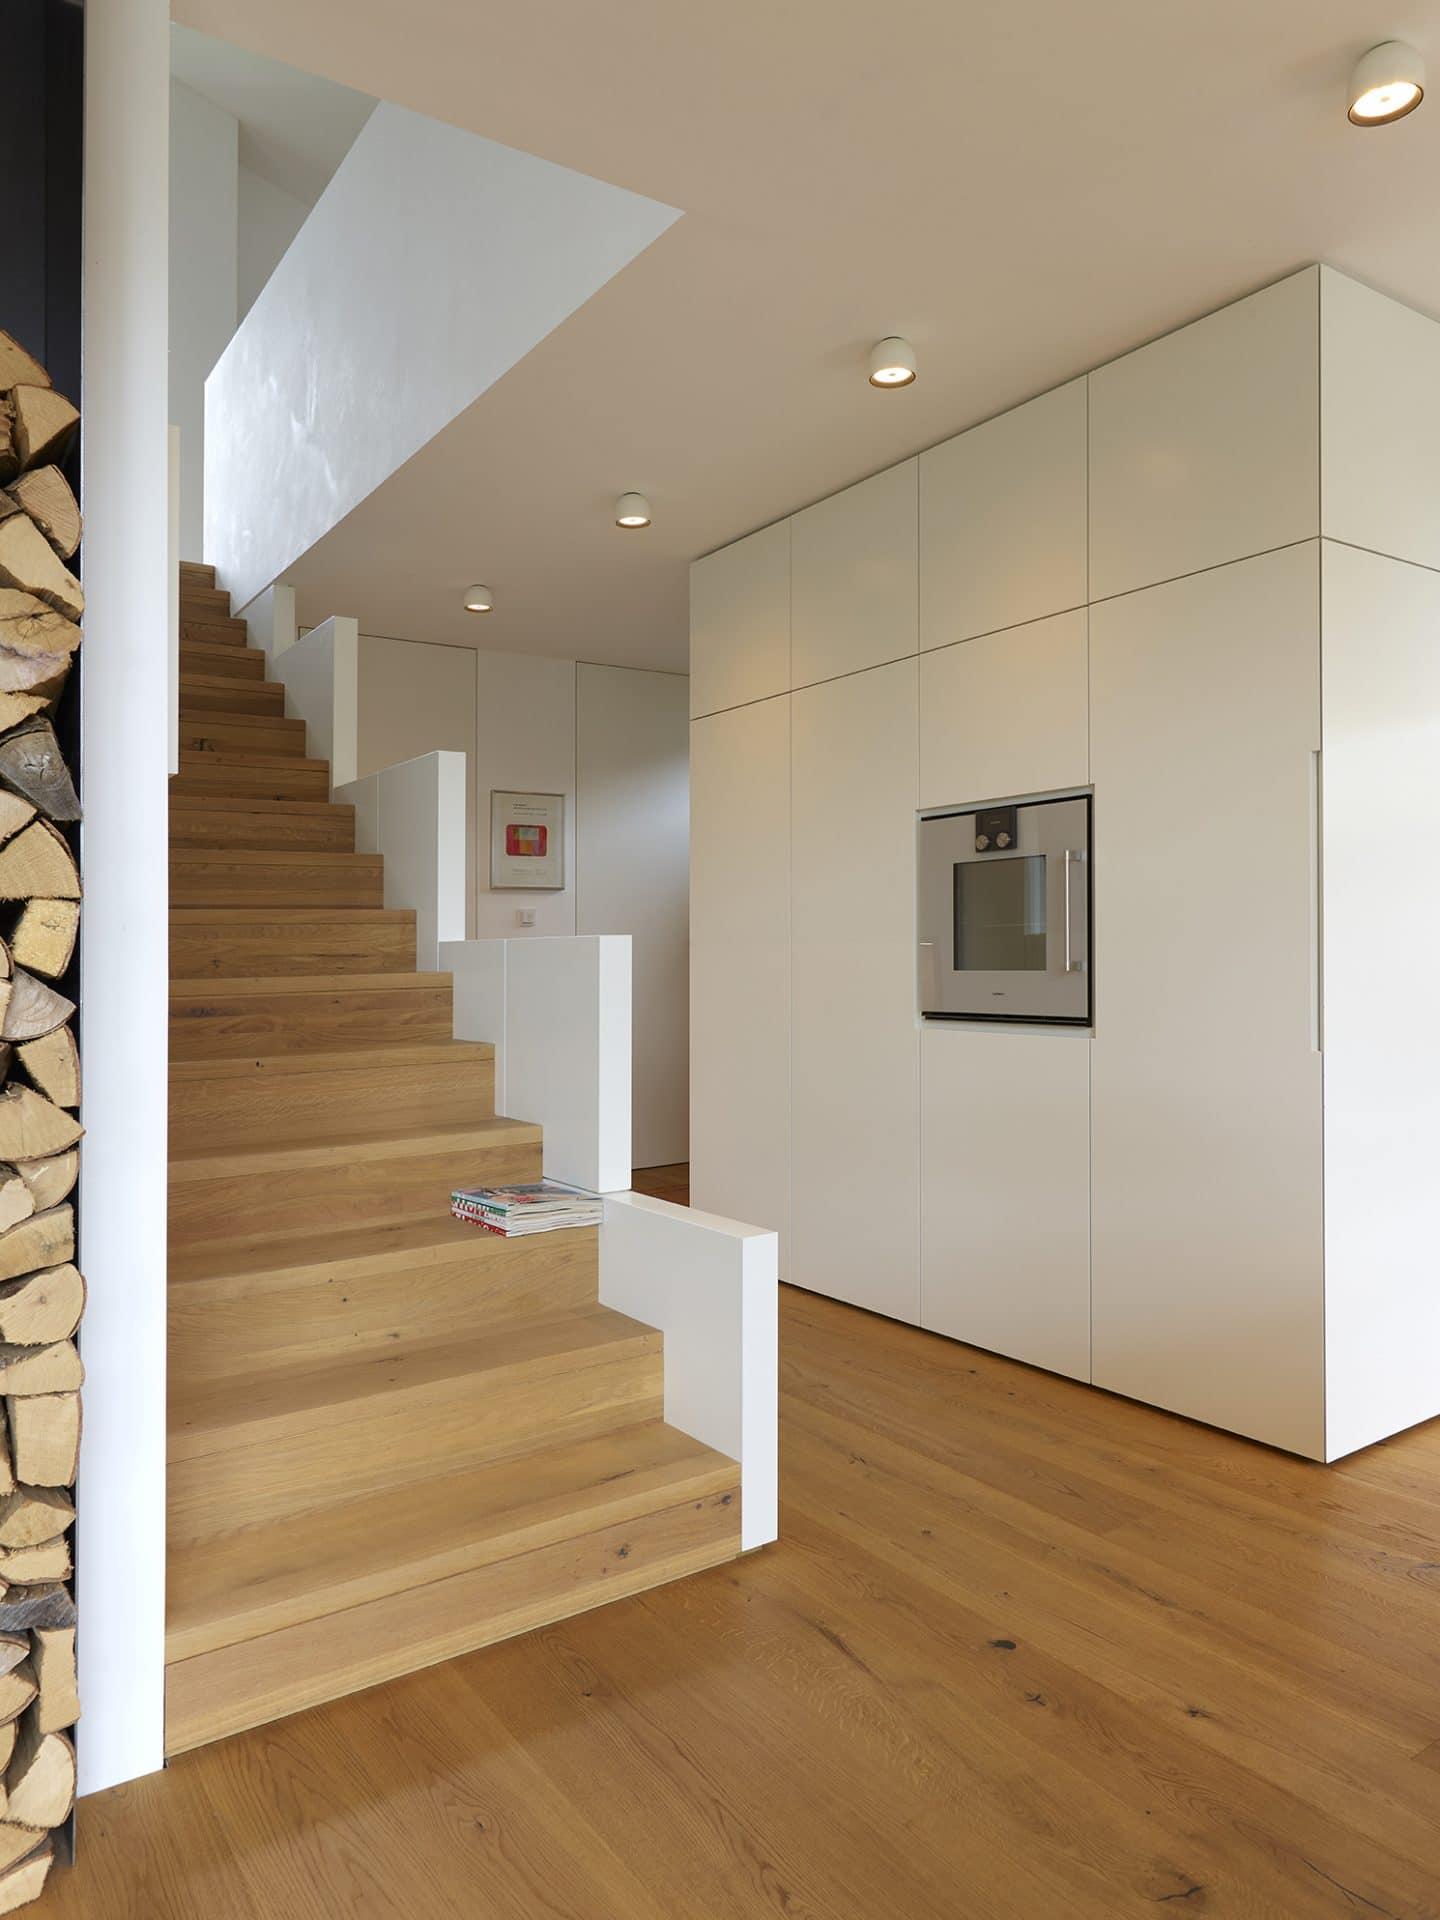 Küchendesign von VOIT in Eiche Natur mit BetonART und Edelstahl - Einbaugerät, links Holztreppe